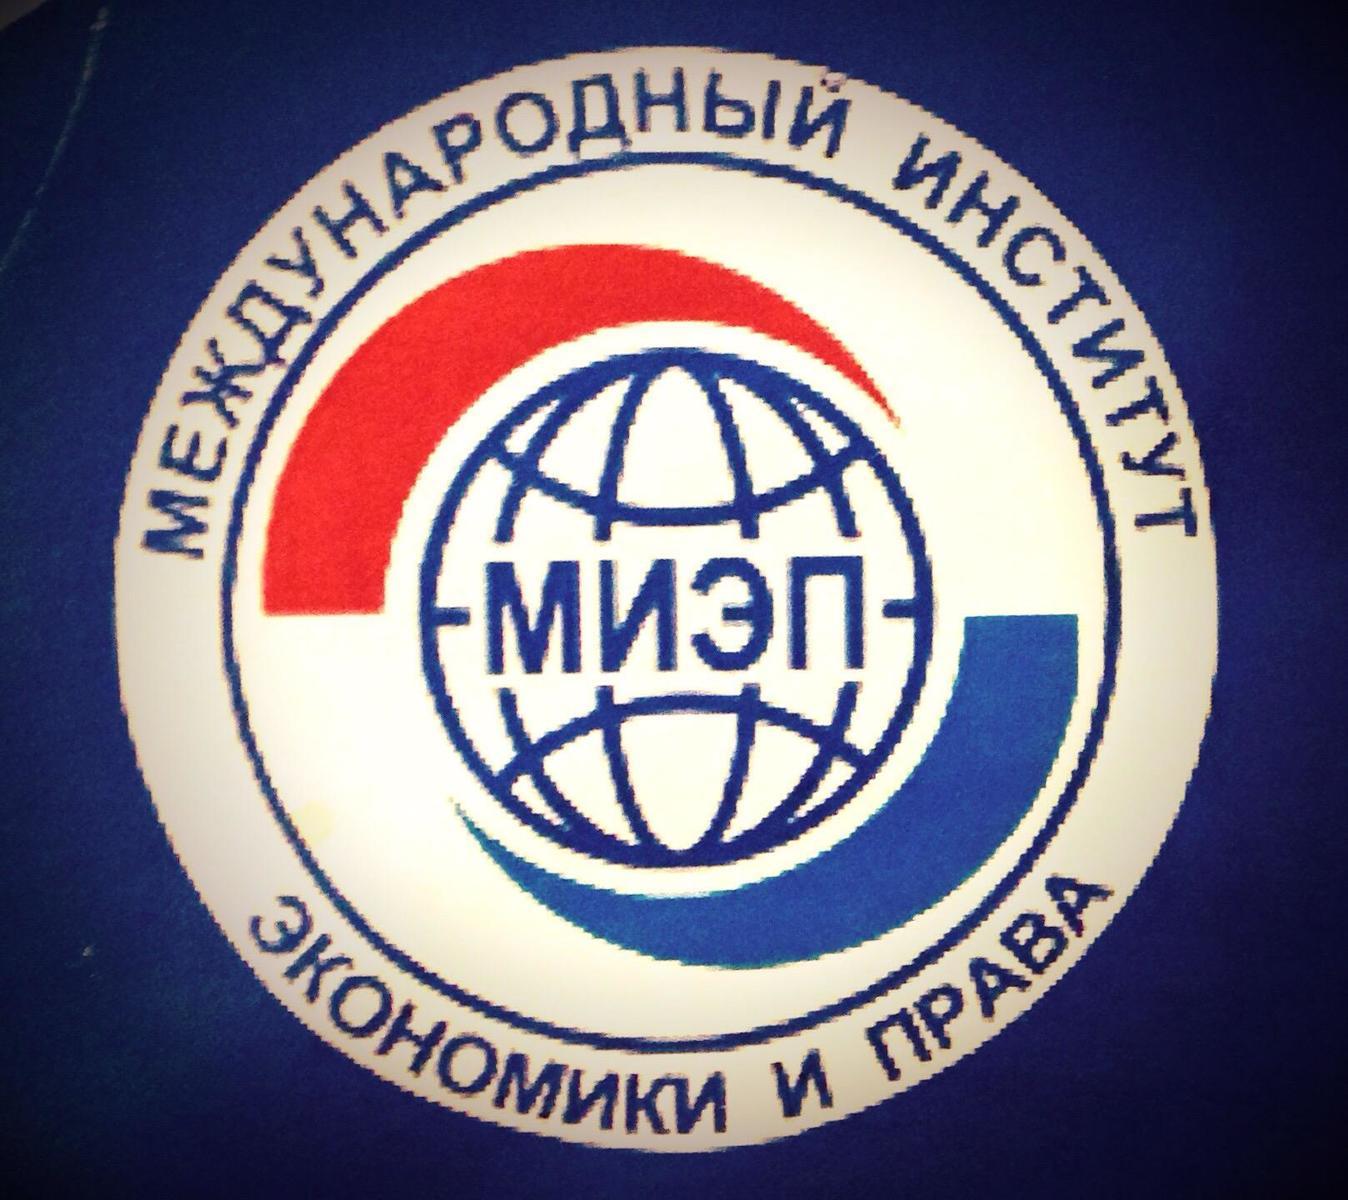 Санкт-Петербургский филиал Международного института экономики и права